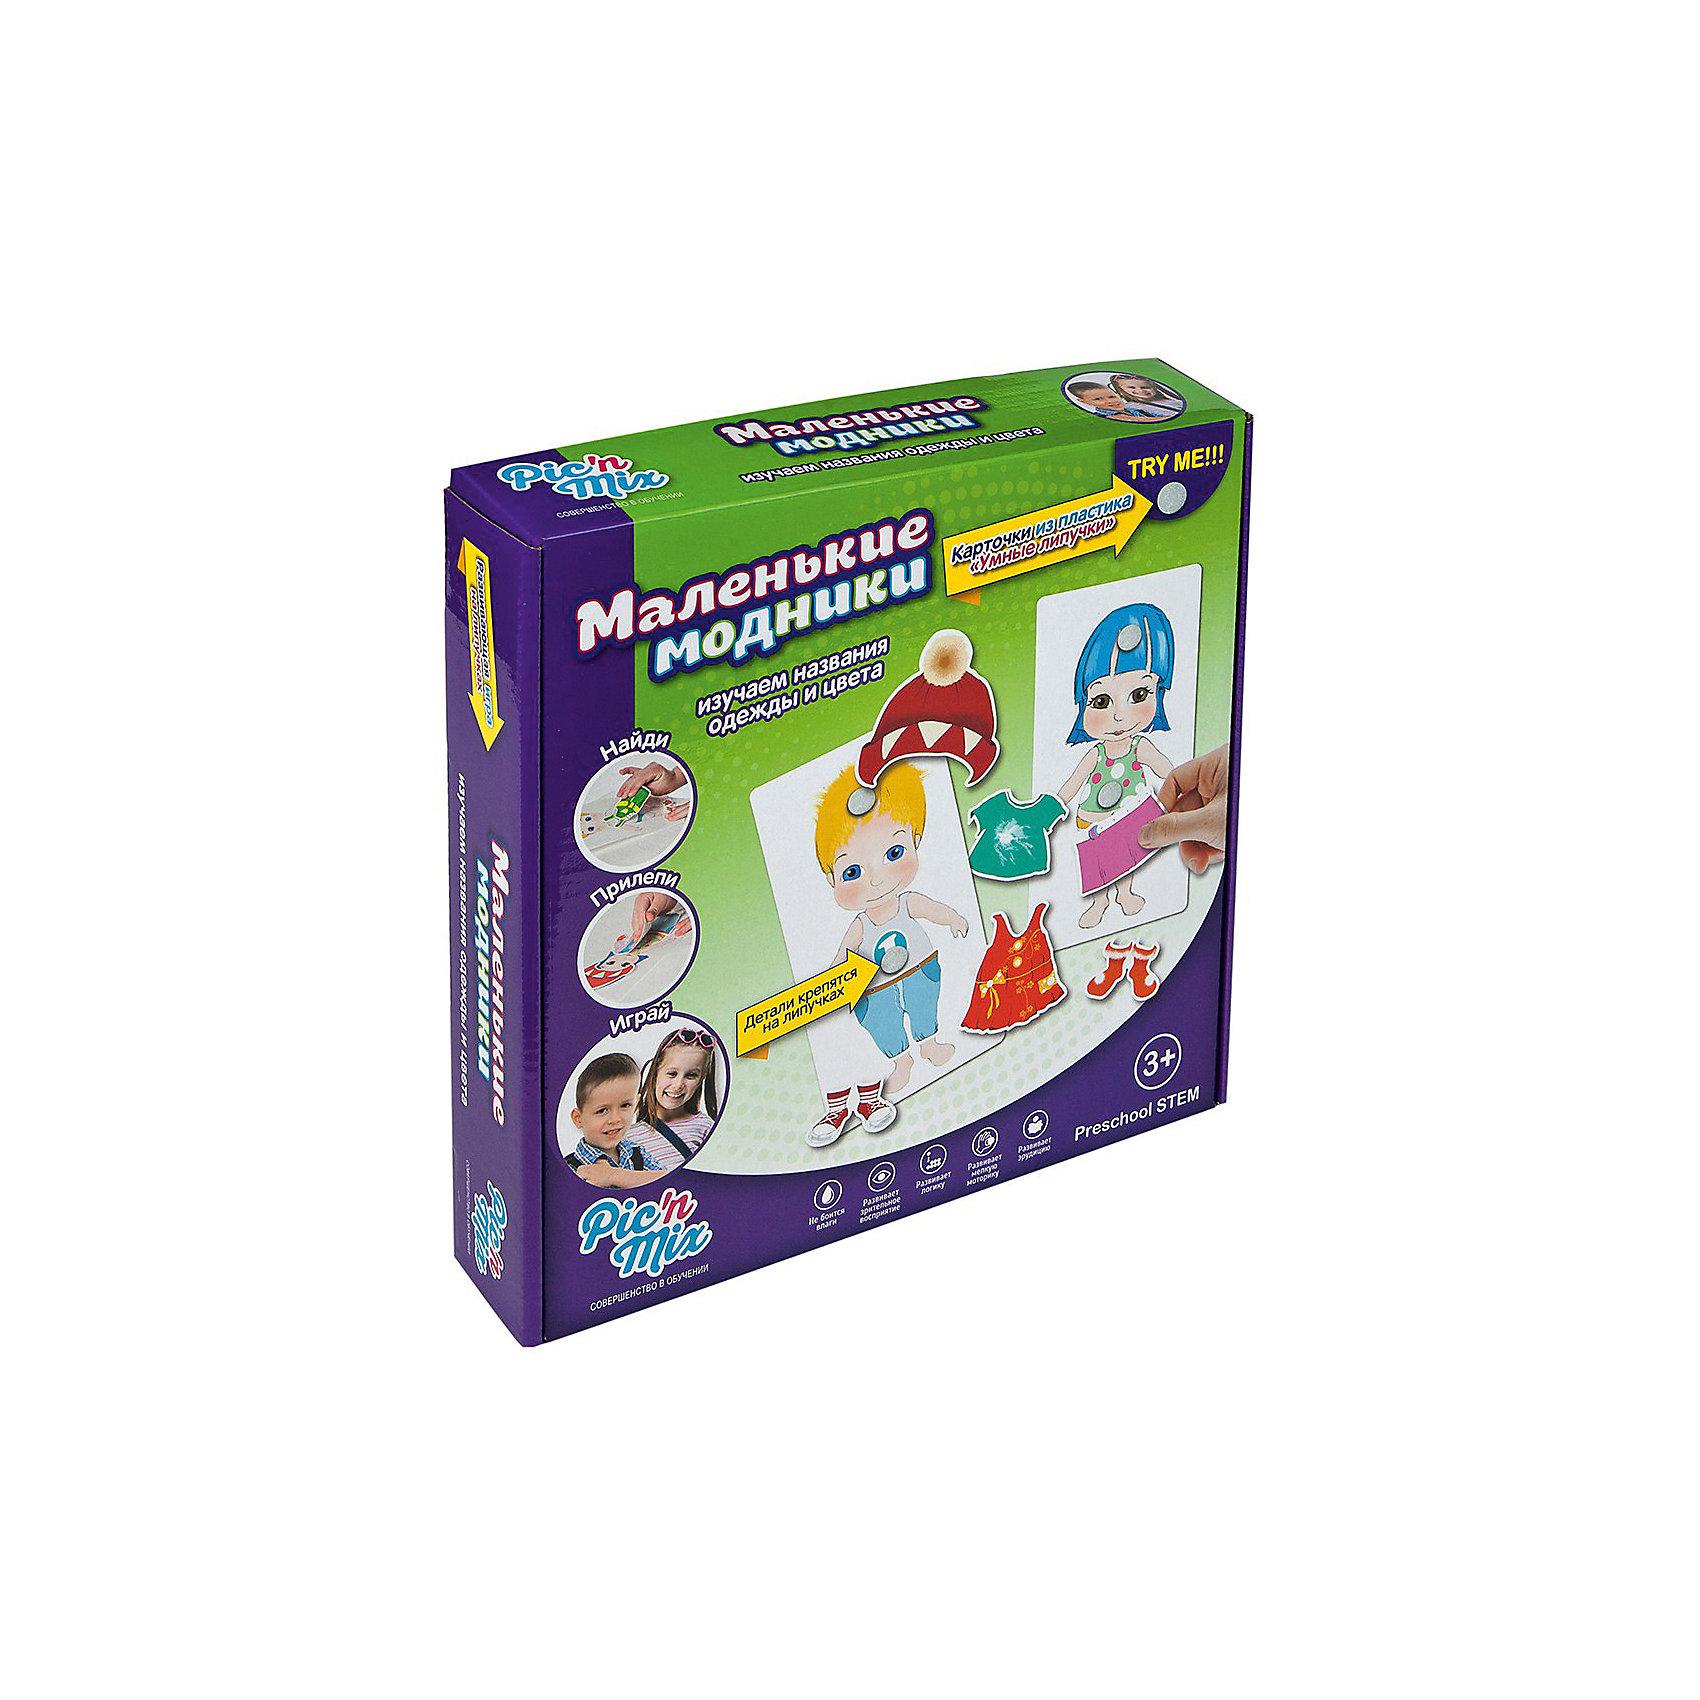 Игра Маленькие модники, PicnMixРазвивающие игры<br>Игра Маленькие модники - пазл-липучка от PicnMix. В процессе игры ребенку предстоит наклеить нужные элементы на соответствующие карточки и изучить названия одежды и понять для какой погоды подходит каждый предмет. Эта игра отлично развивает память, мелкую моторику, цветовое восприятие и кругозор. С игрой Маленькие модники от PicnMix ваш малыш проведет время с пользой!<br><br>Дополнительная информация:<br>Количество полей: 2<br>Материал: полиэстер<br>Размер упаковки: 24х16х5 см<br>Вес: 365 грамм<br><br>Игру Маленькие модники от PicnMix можно приобрести в нашем интернет-магазине.<br><br>Ширина мм: 250<br>Глубина мм: 52<br>Высота мм: 160<br>Вес г: 320<br>Возраст от месяцев: 18<br>Возраст до месяцев: 36<br>Пол: Унисекс<br>Возраст: Детский<br>SKU: 5008791